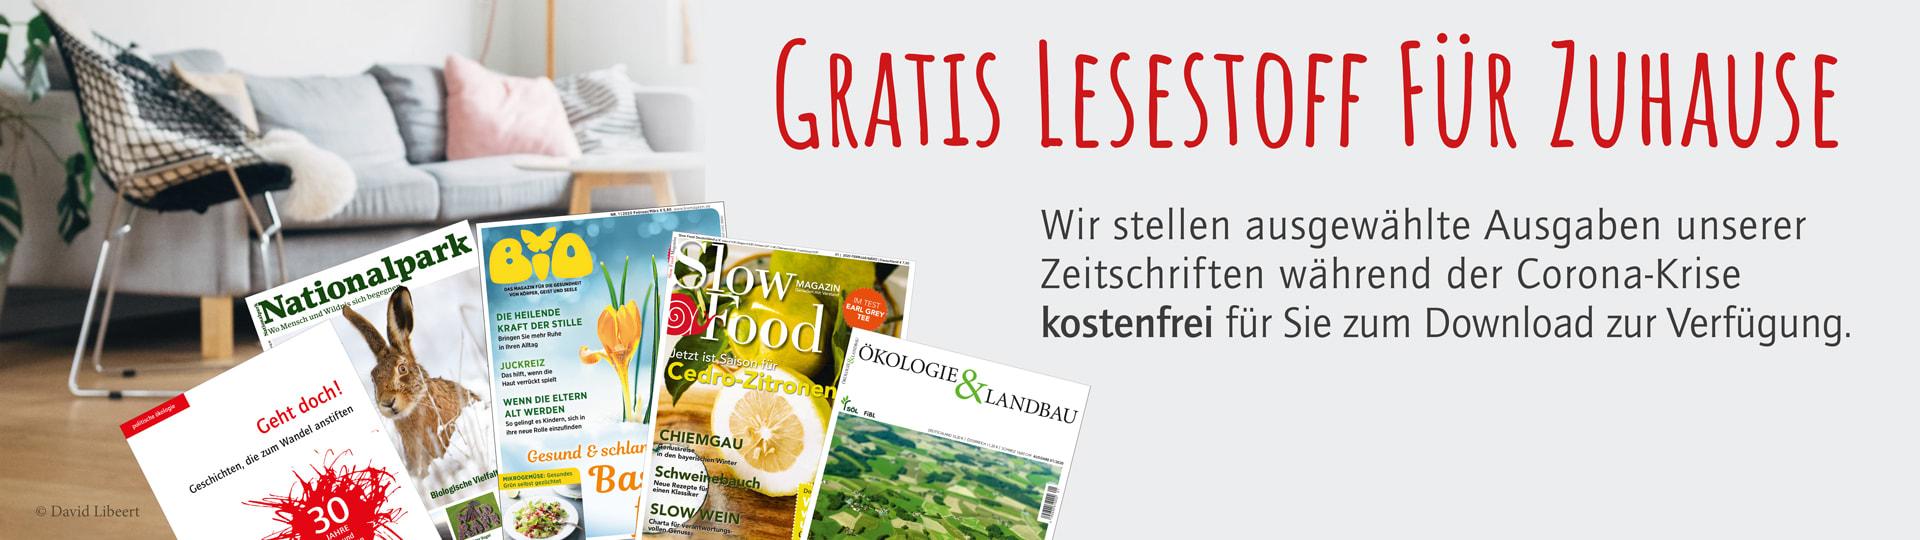 Kostenfreier Download ausgewählter Zeitschriften während der Corona-Krise